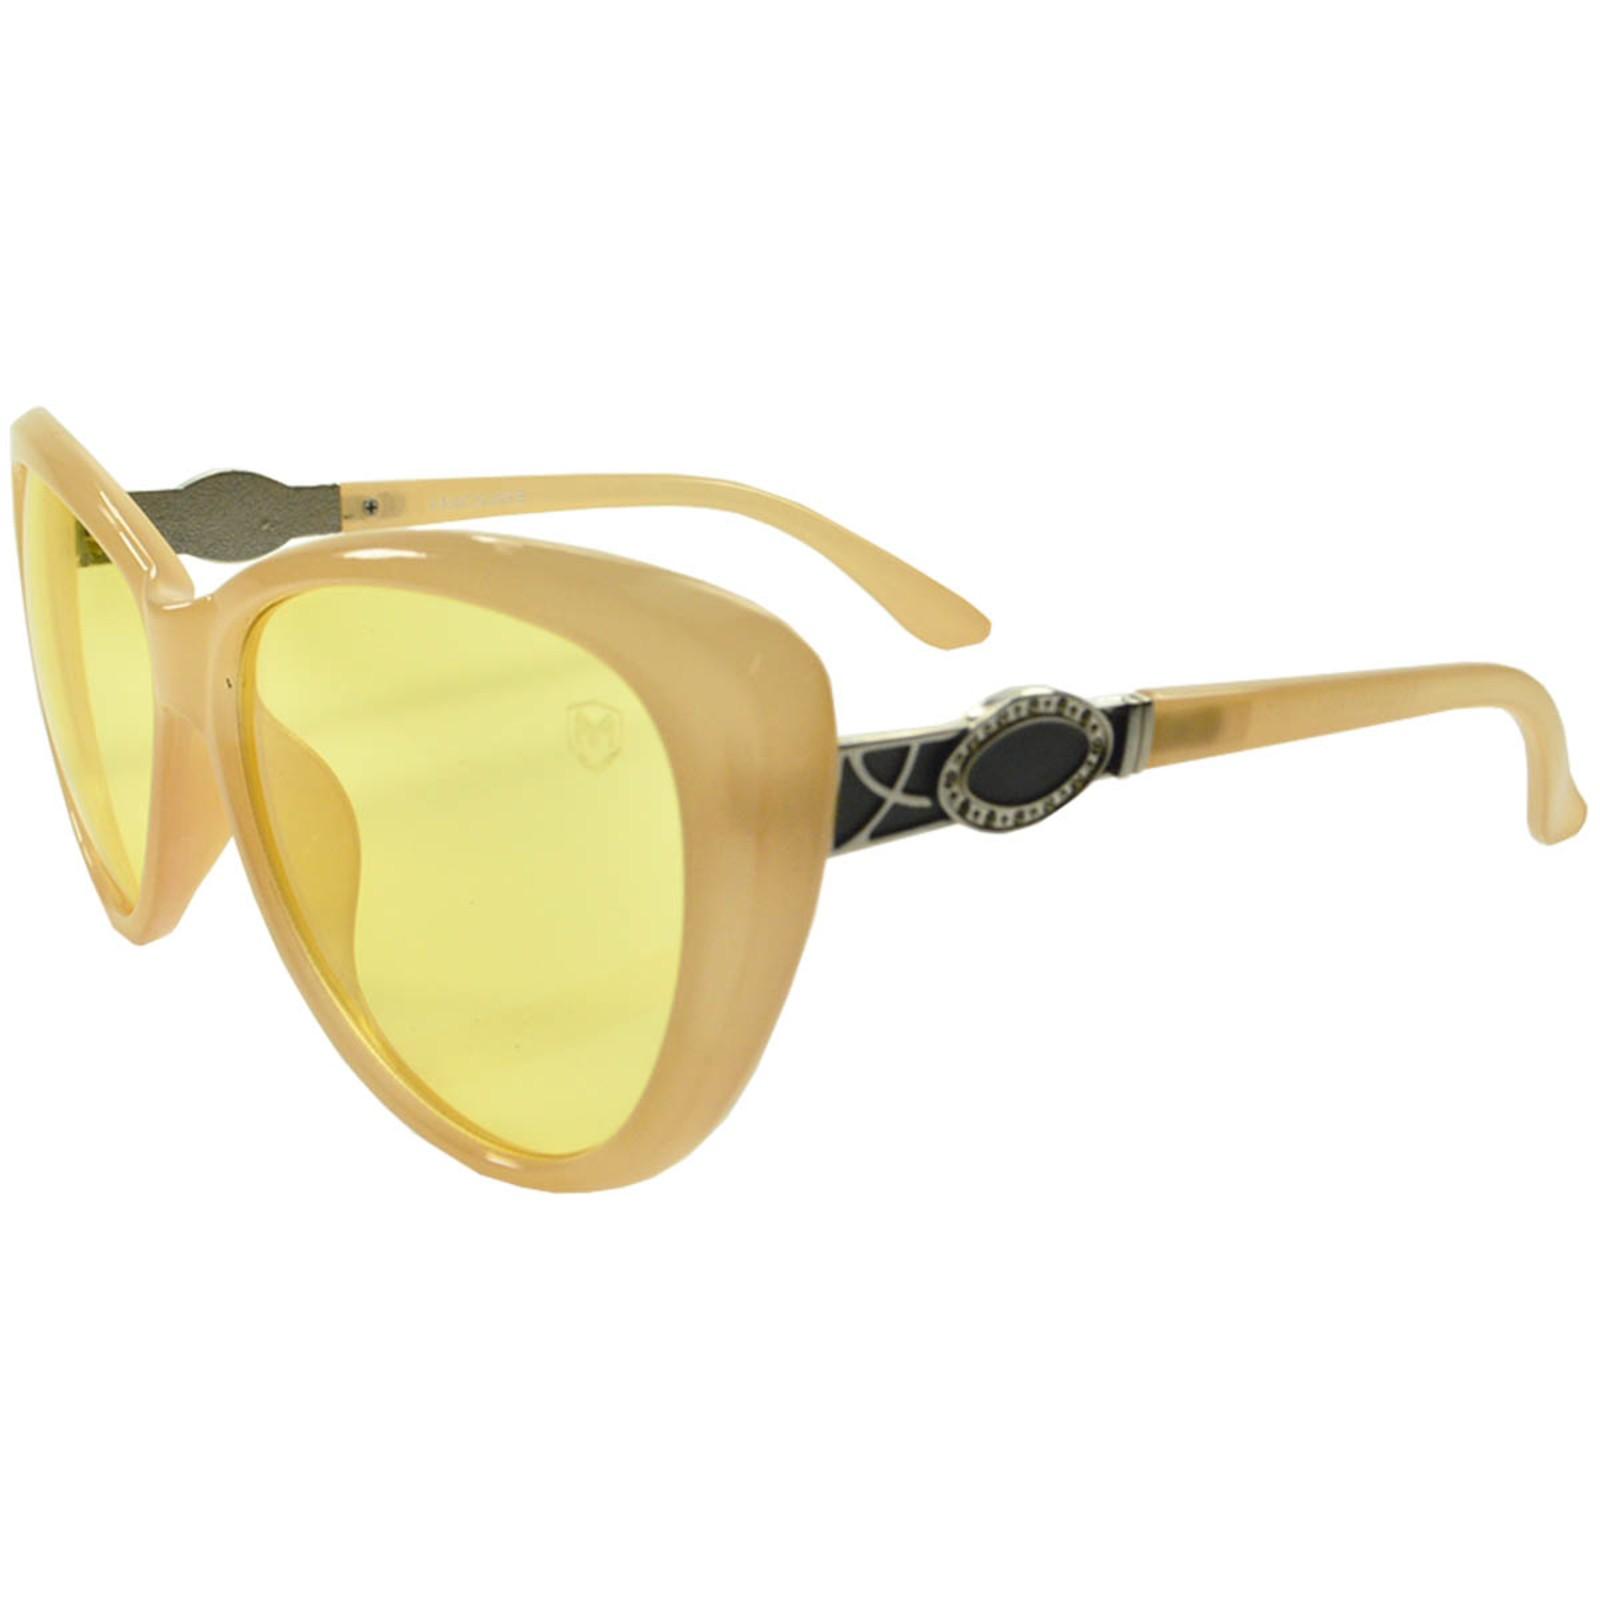 Óculos De Sol Mackage Feminino Acetato Gateado - Amarelo